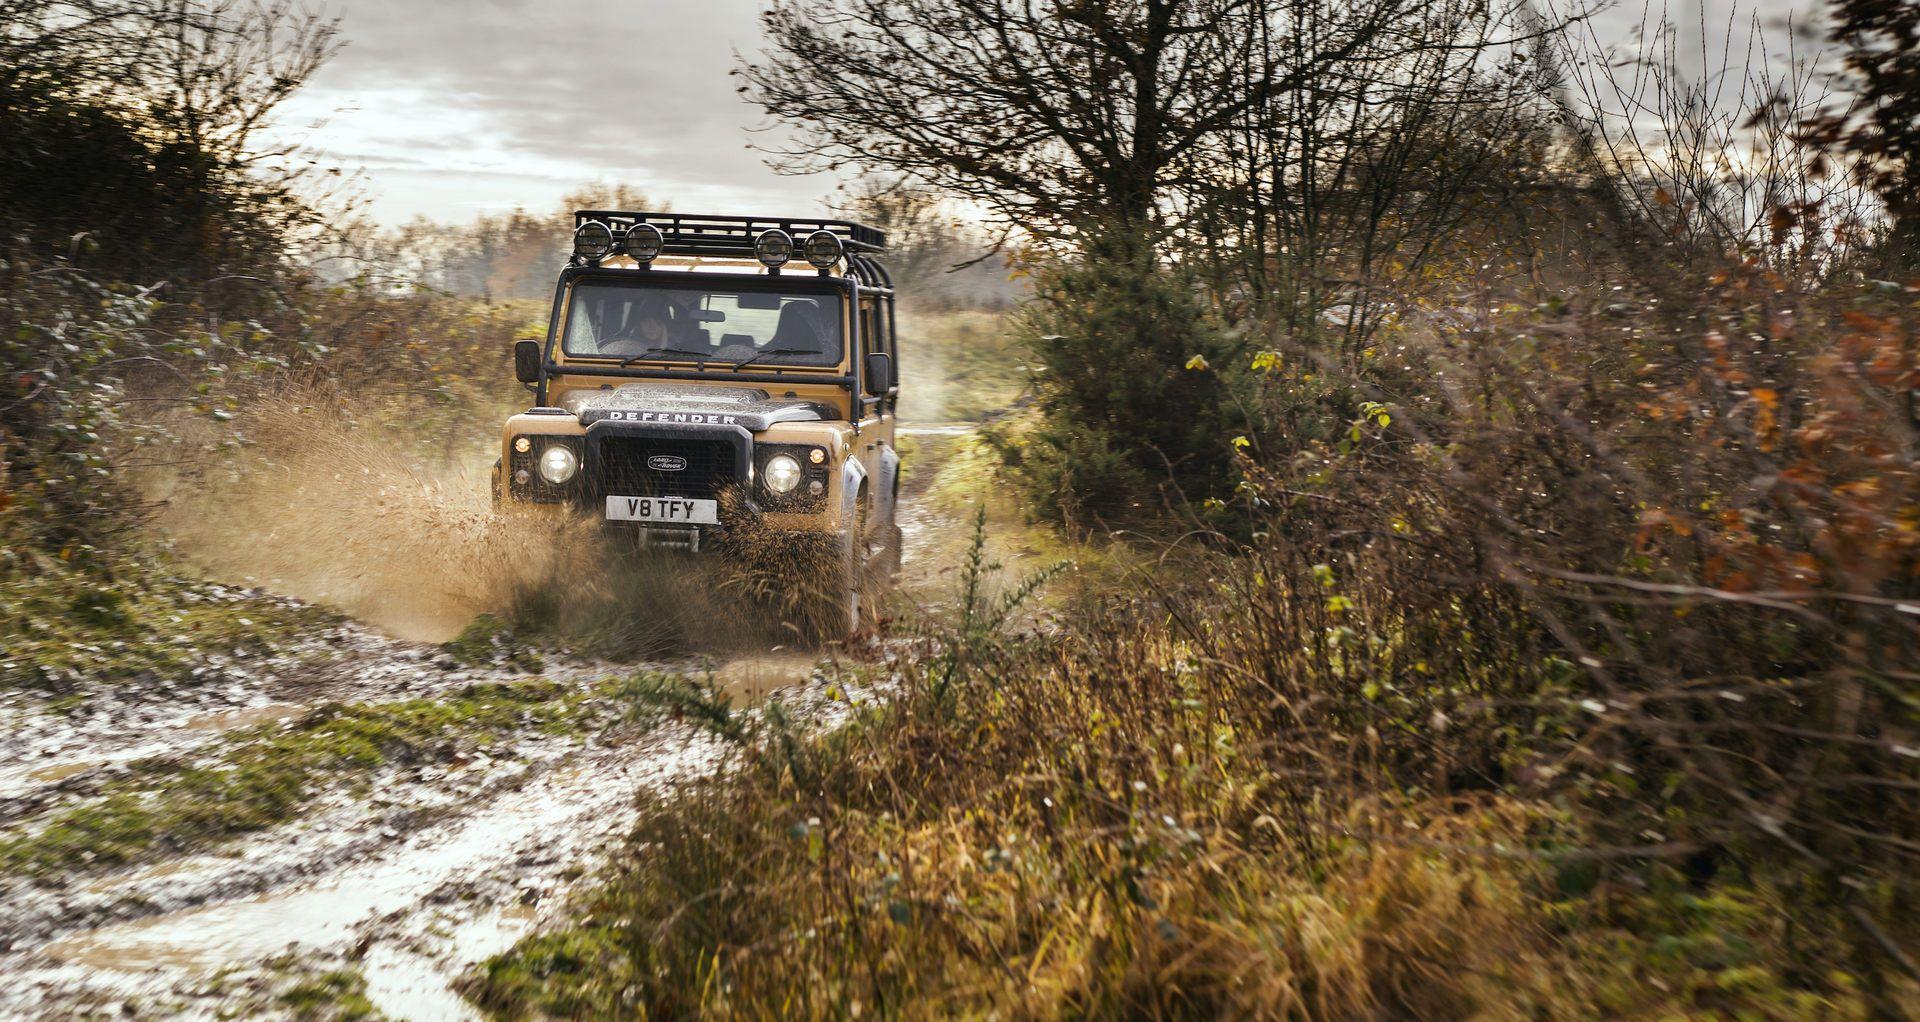 Land-Rover-Defender-Works-V8-Trophy-18